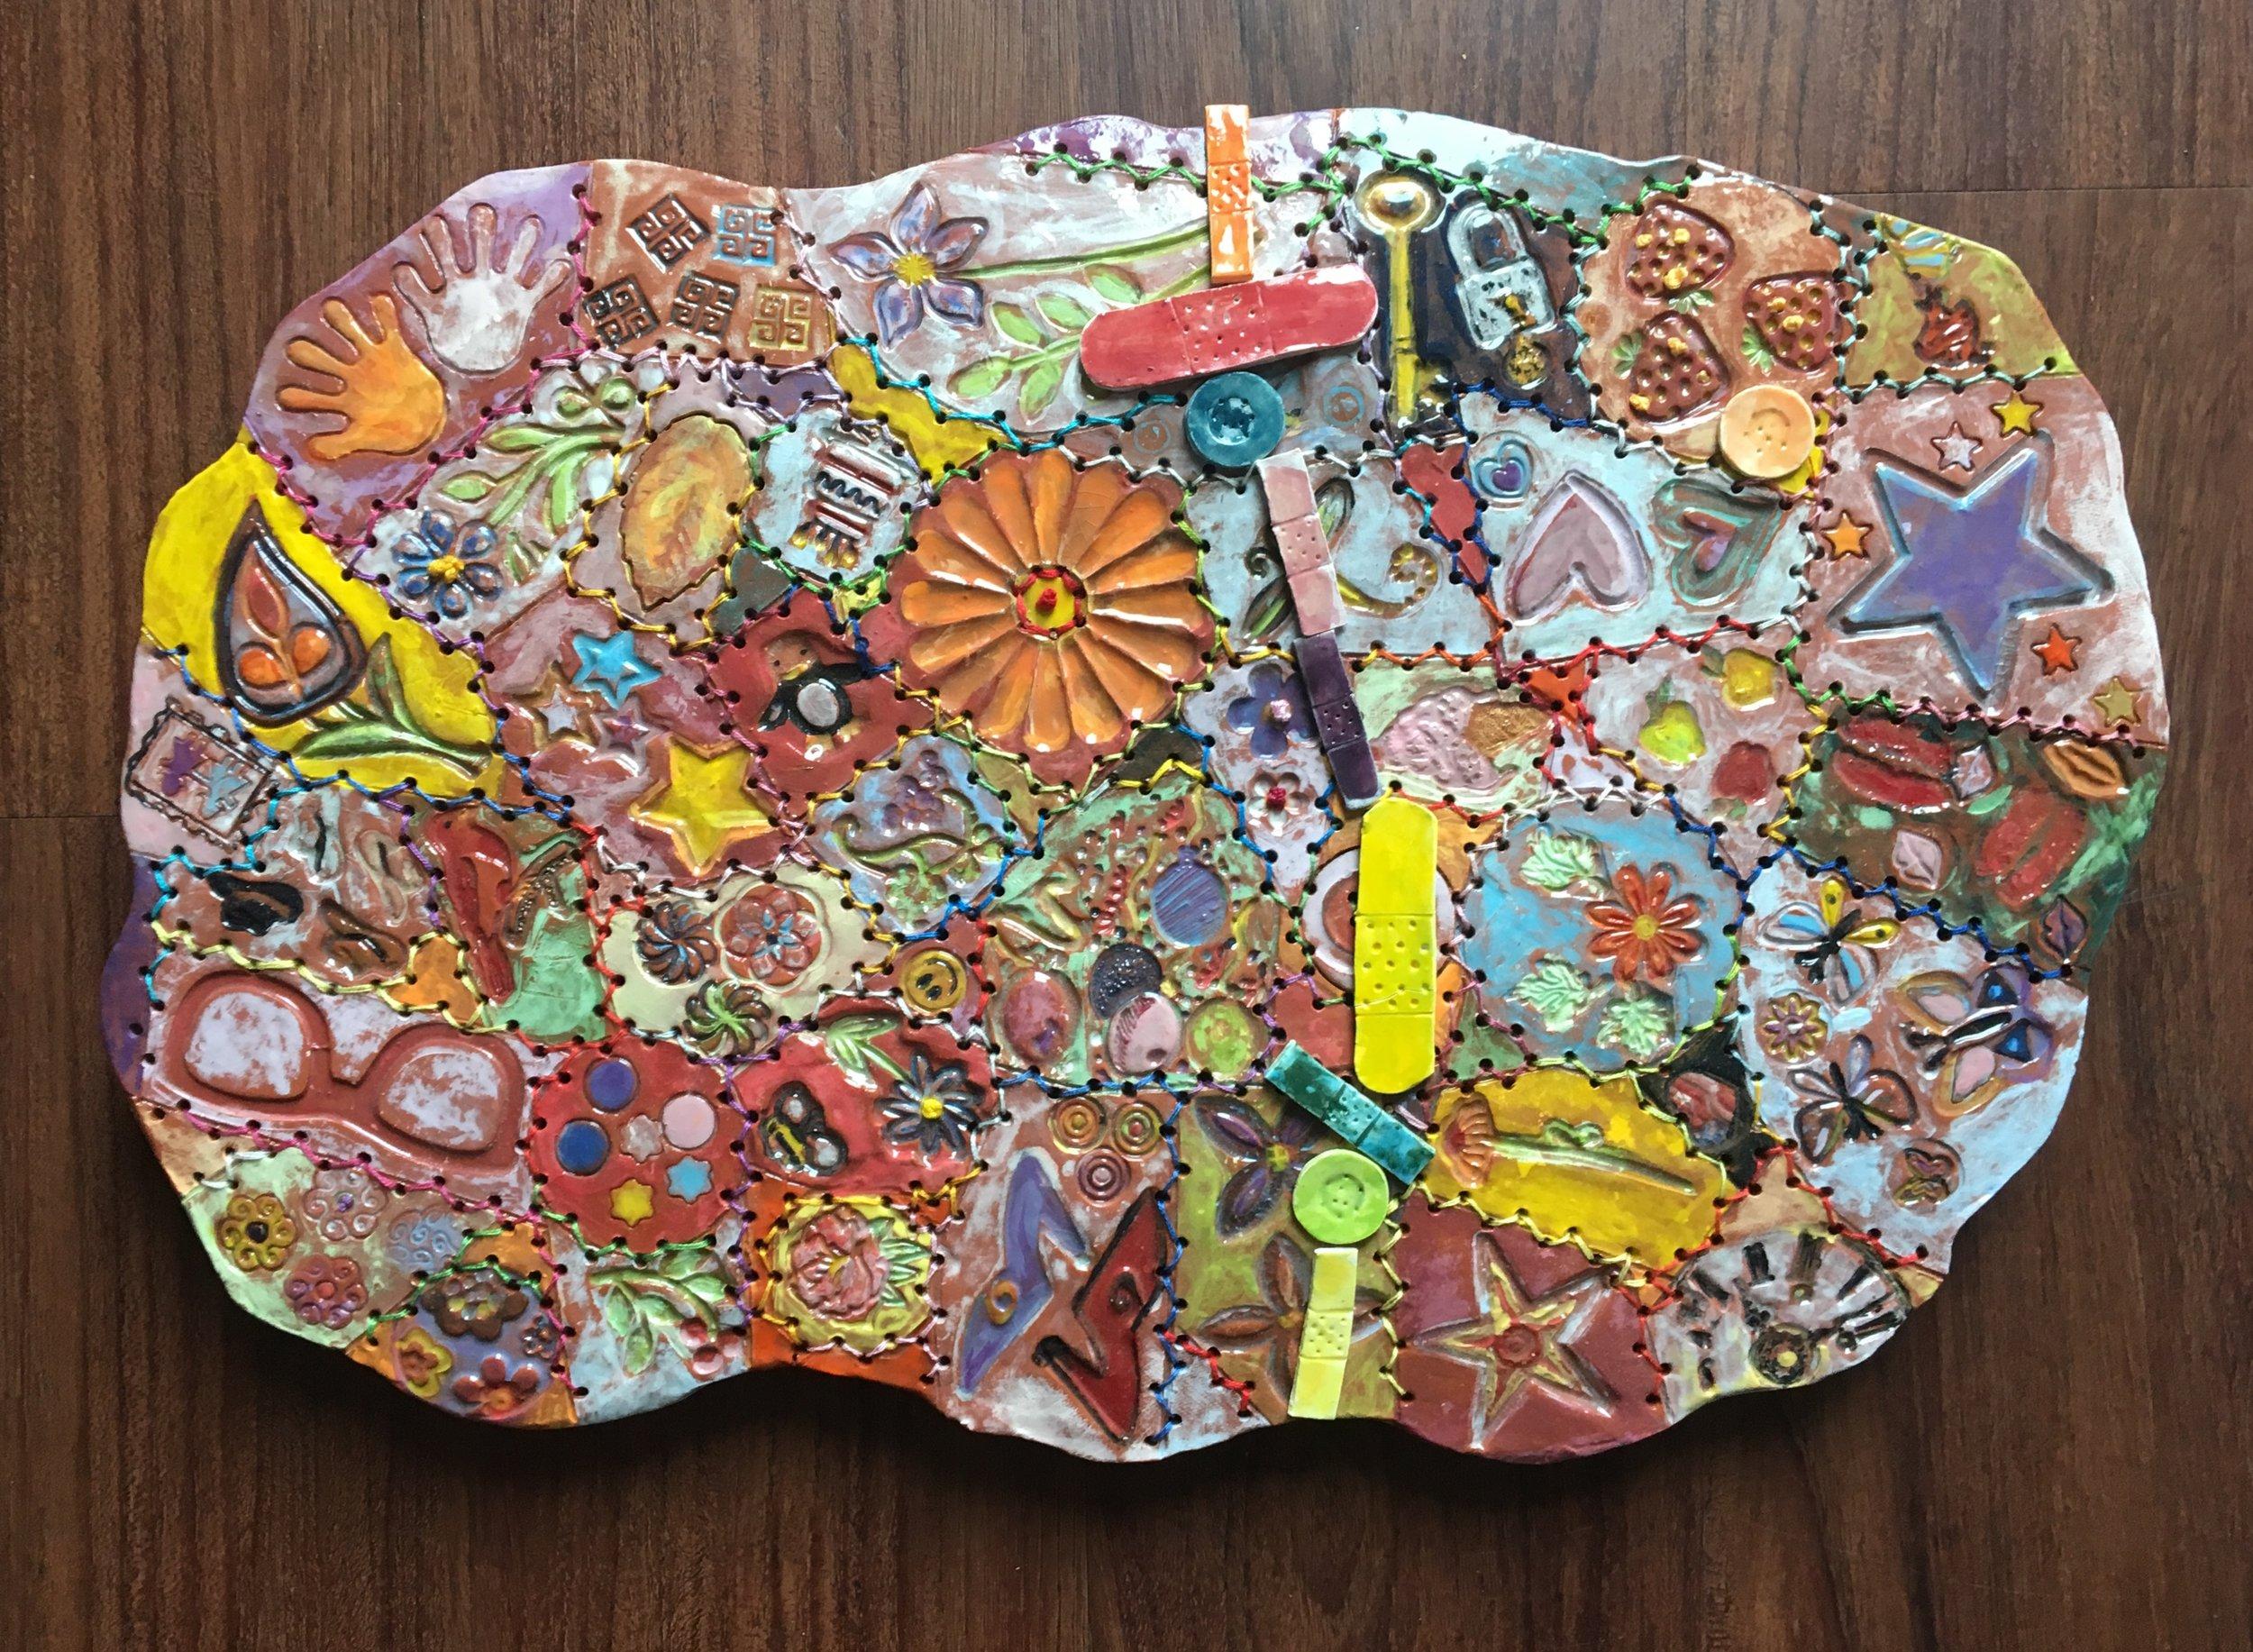 GalleryOonH-Kasse Andrews Weller-Mended Quilt-2018-Ceramic-11x16-450.jpg